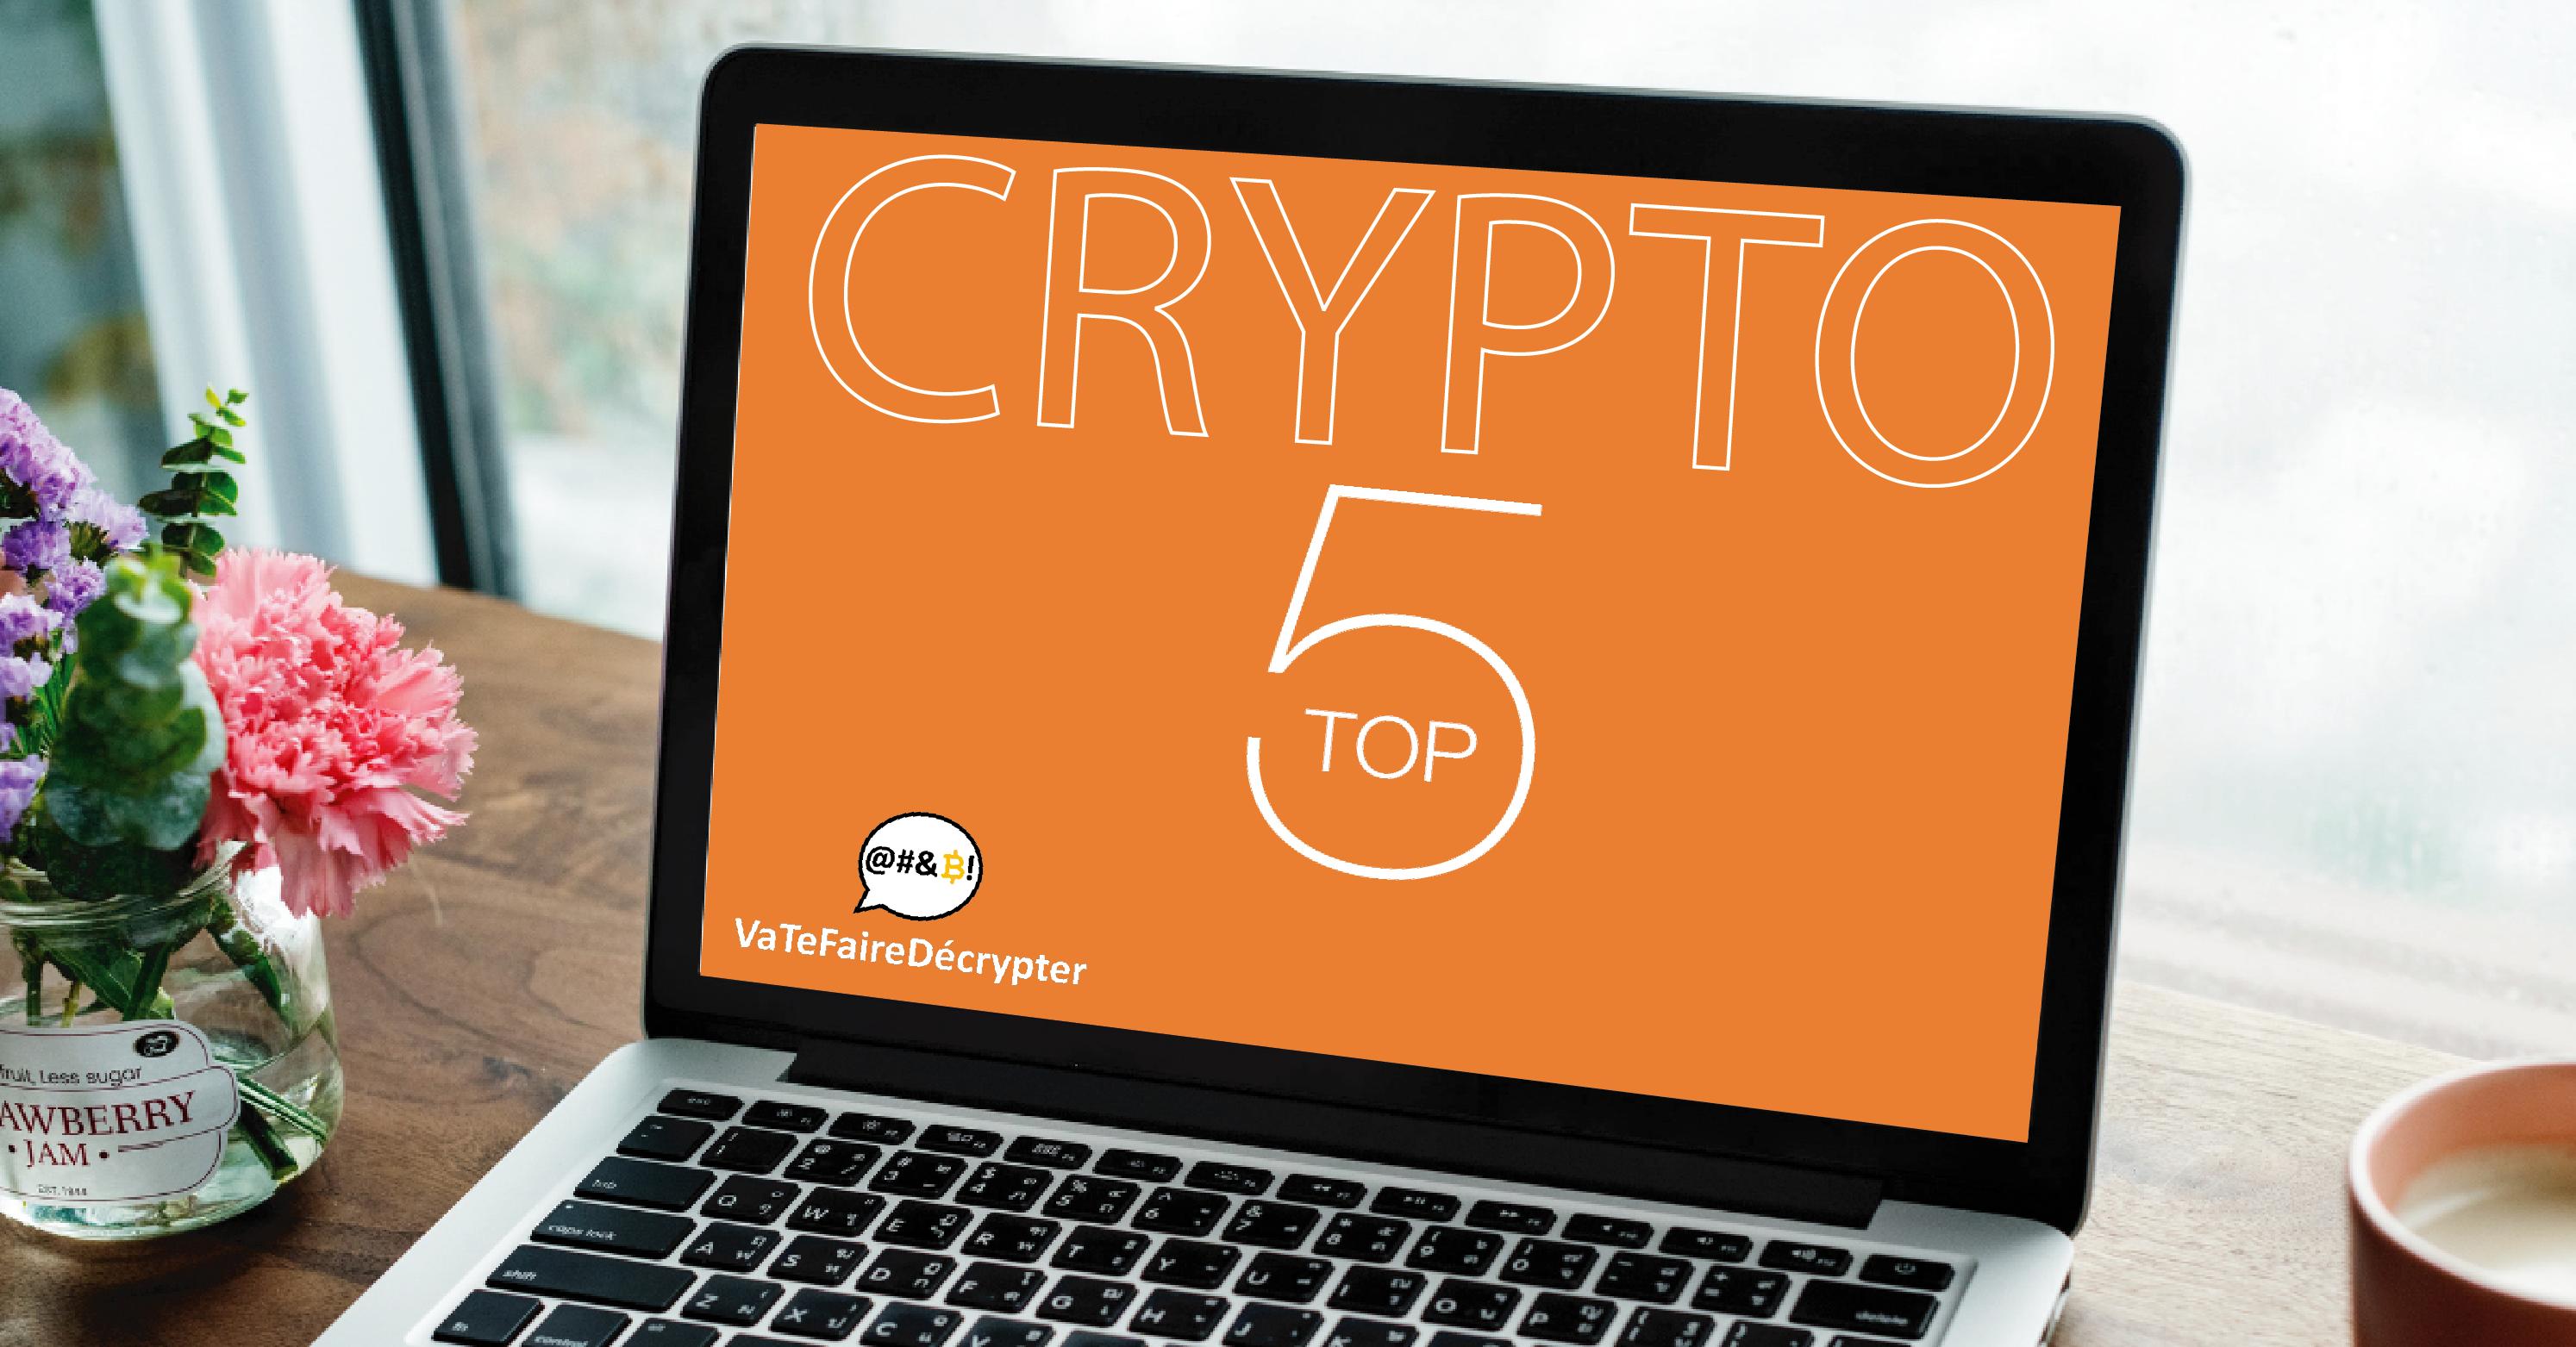 top 5 crypto vtfd